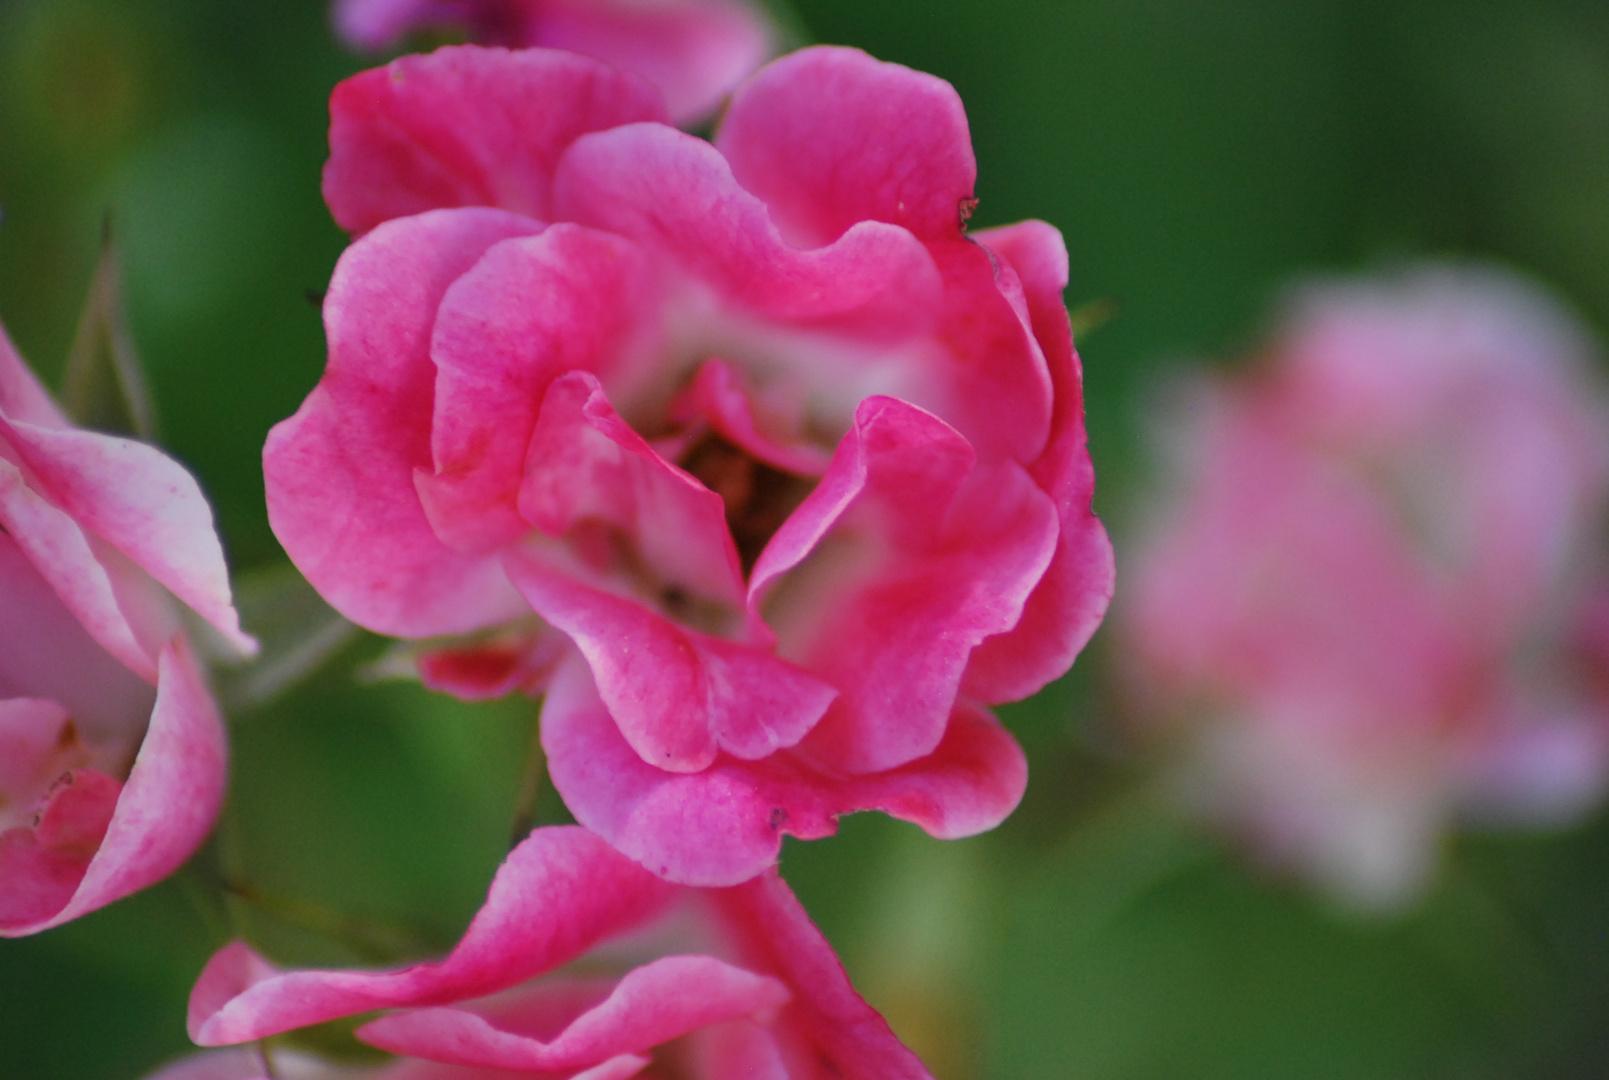 Une fleur pour vous Madame